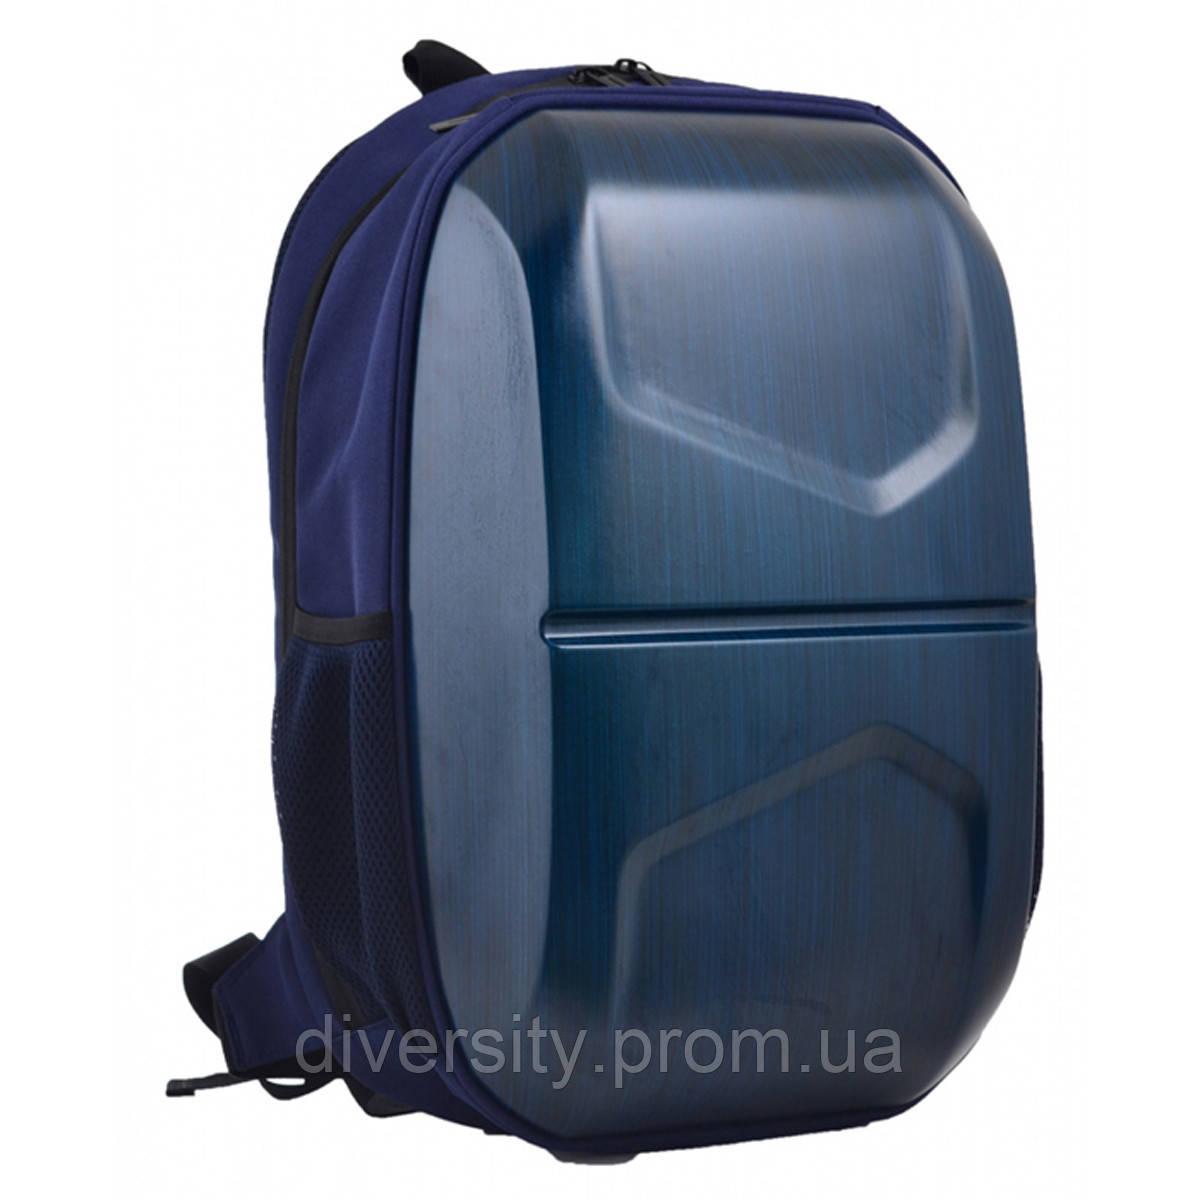 Школьный рюкзак каркасный  YES  Т-33 Stalwart, 44.5*29.5*14.5